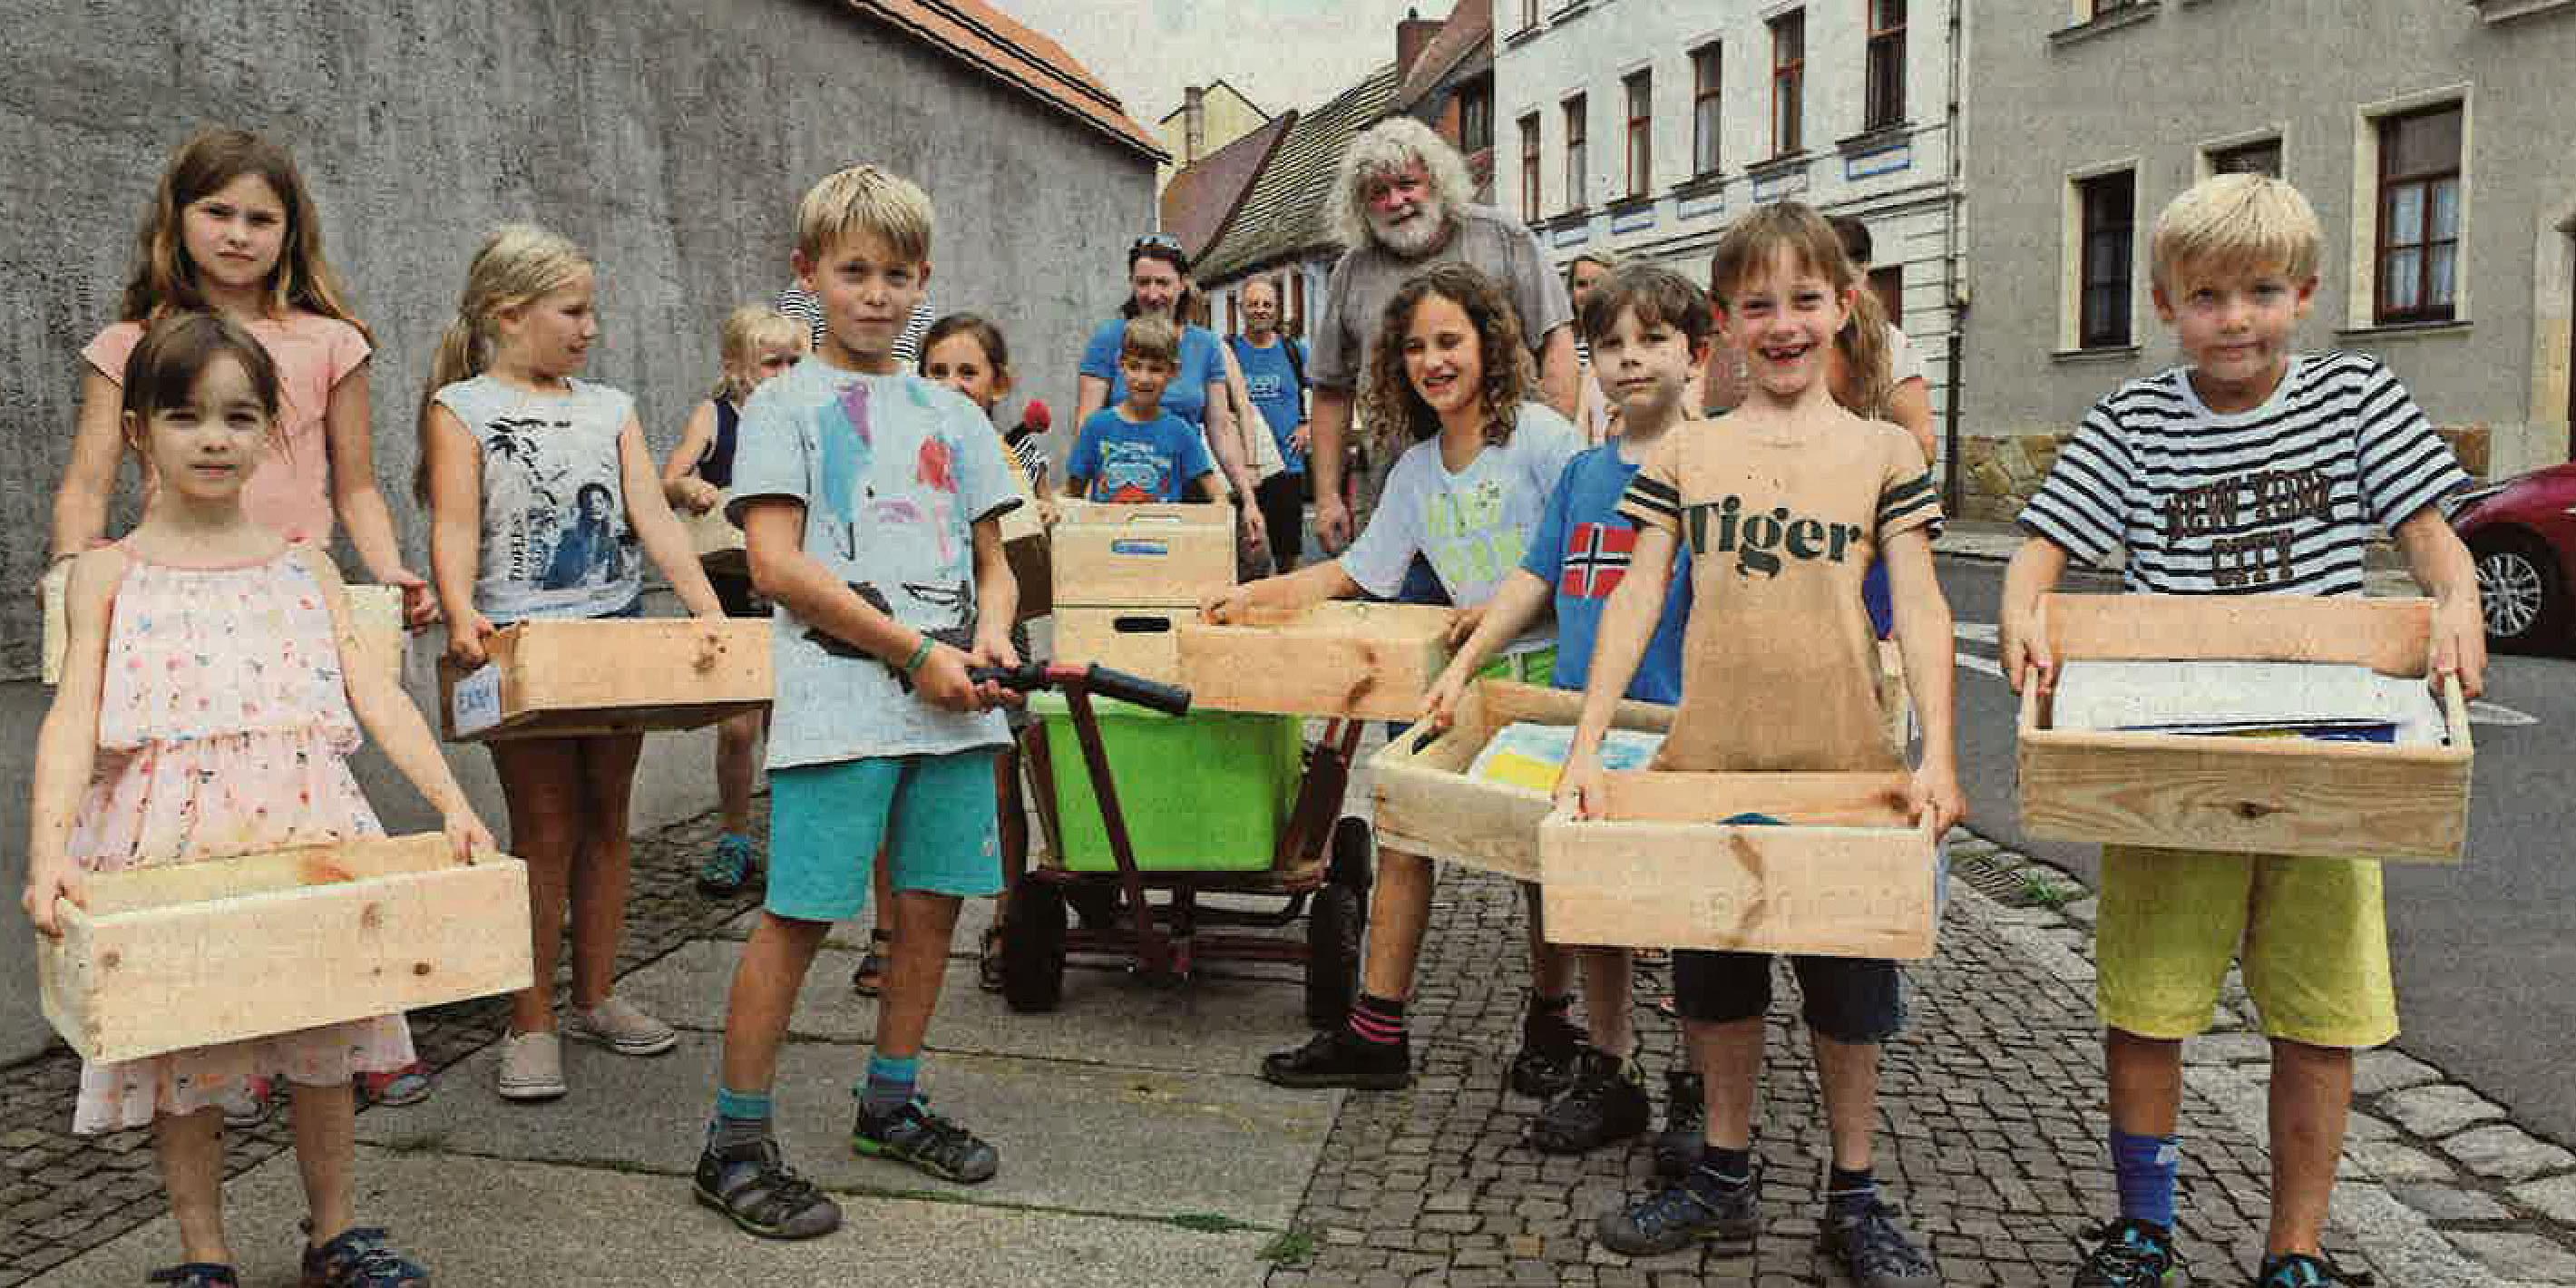 LVZ_31.08.19-1_Bild